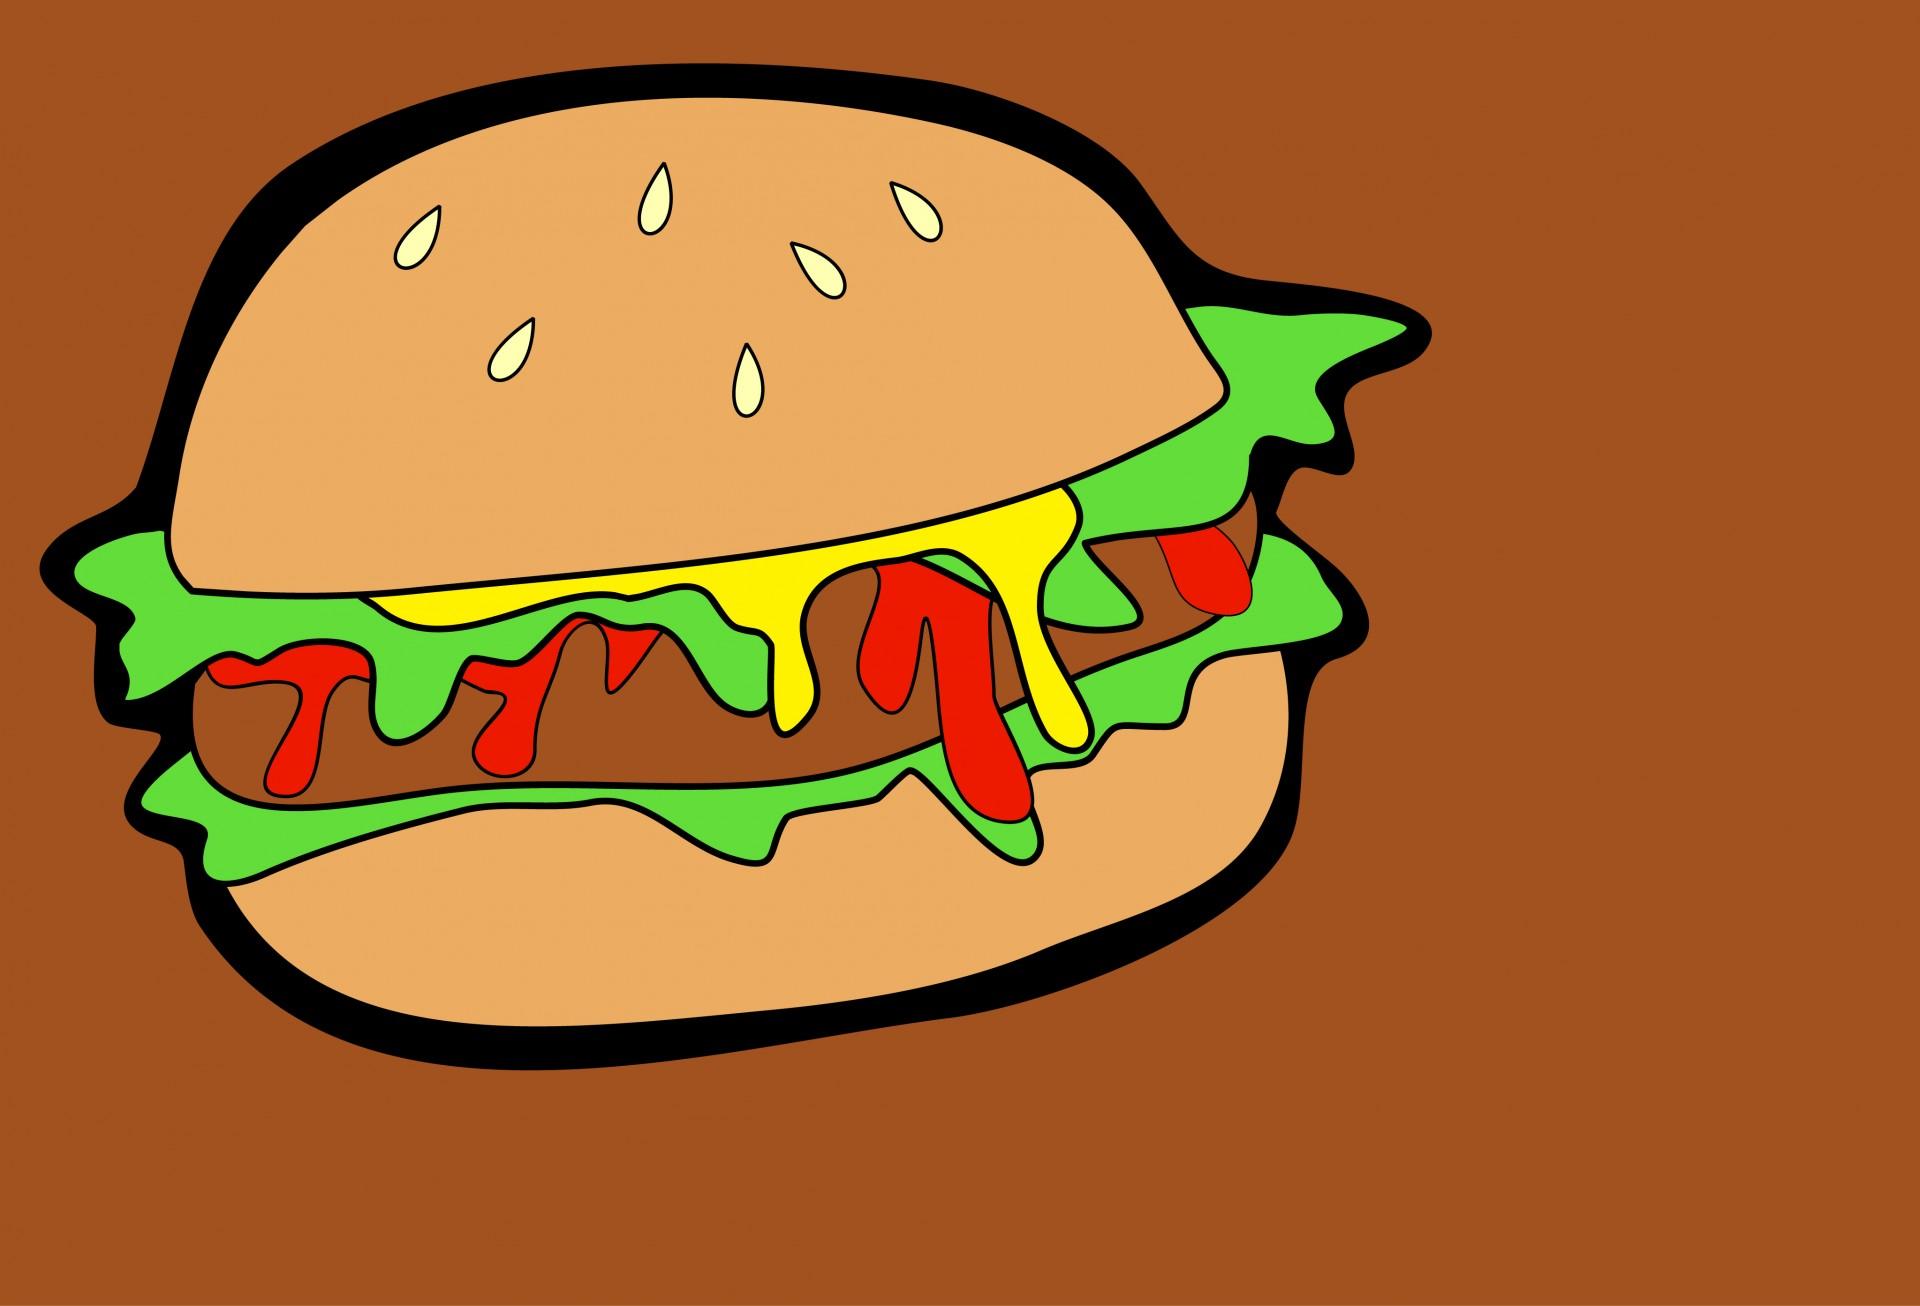 burger-1441183846YvU.jpg